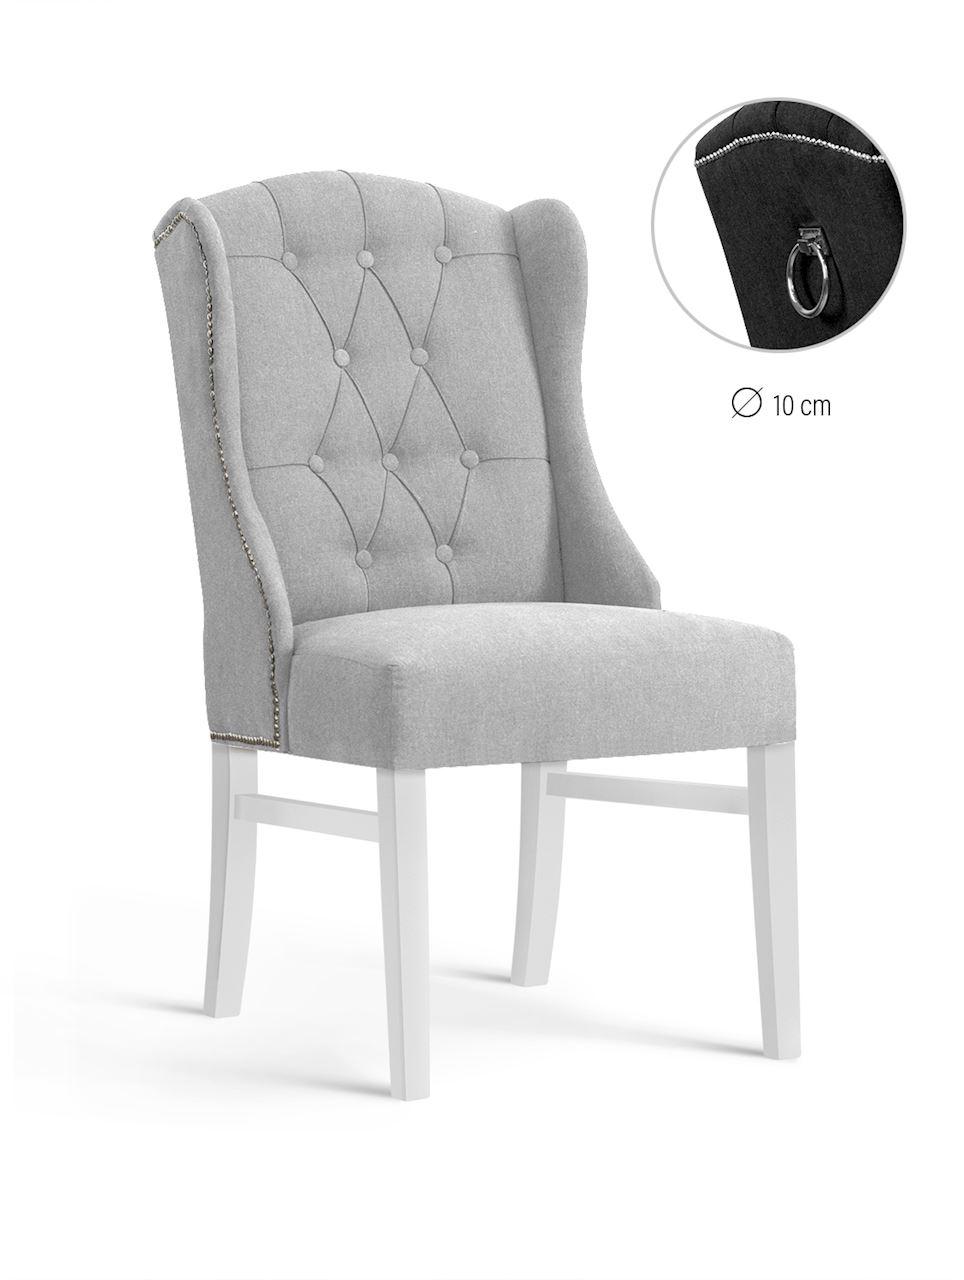 Scaun tapitat cu stofa, cu picioare din lemn Royal Light Grey / White, l55xA74xH105 cm